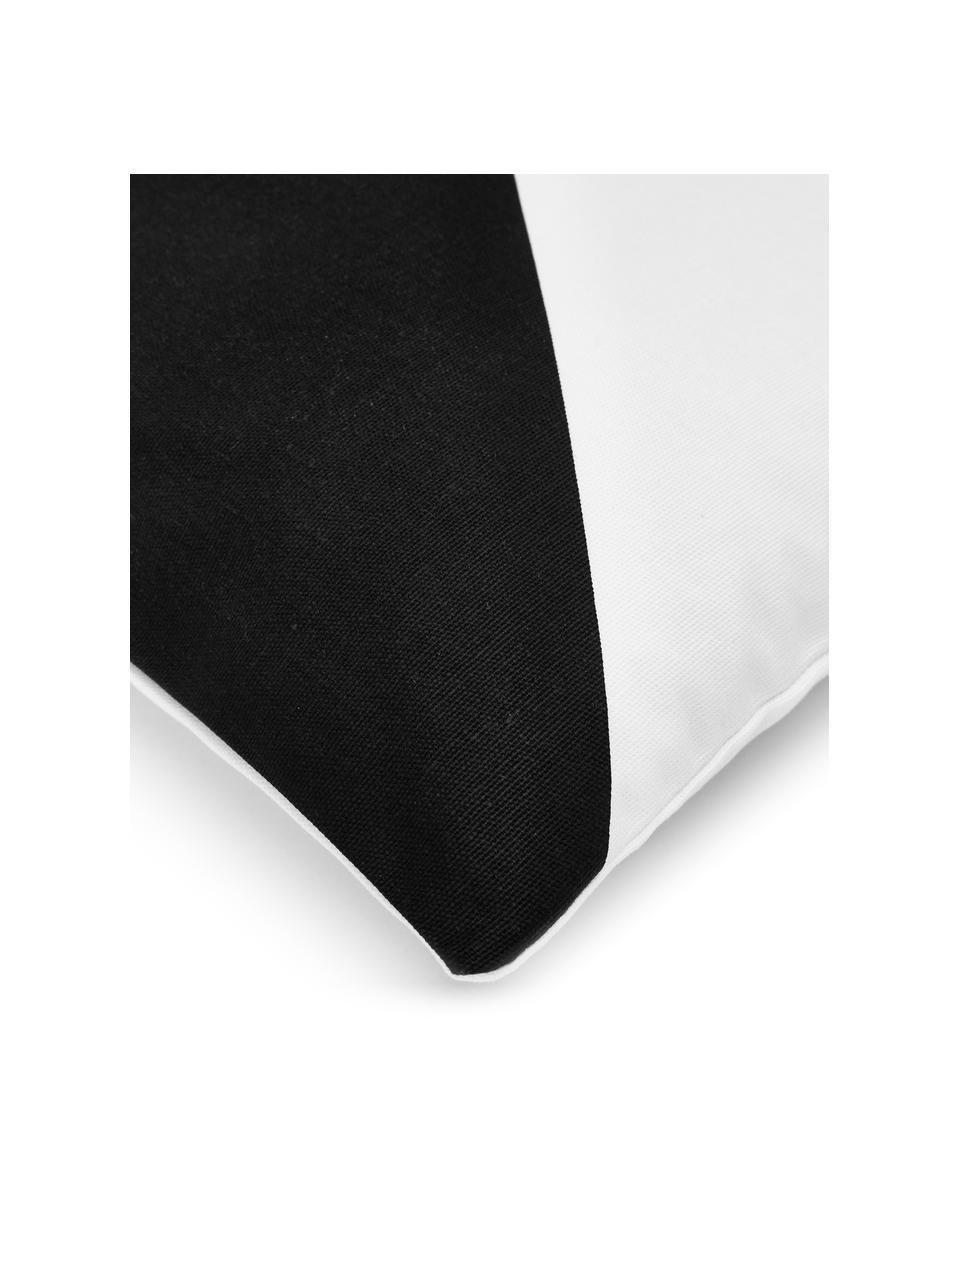 Gestreepte kussenhoes Ren in zwart/wit, 100% katoen, Wit, zwart, 30 x 50 cm